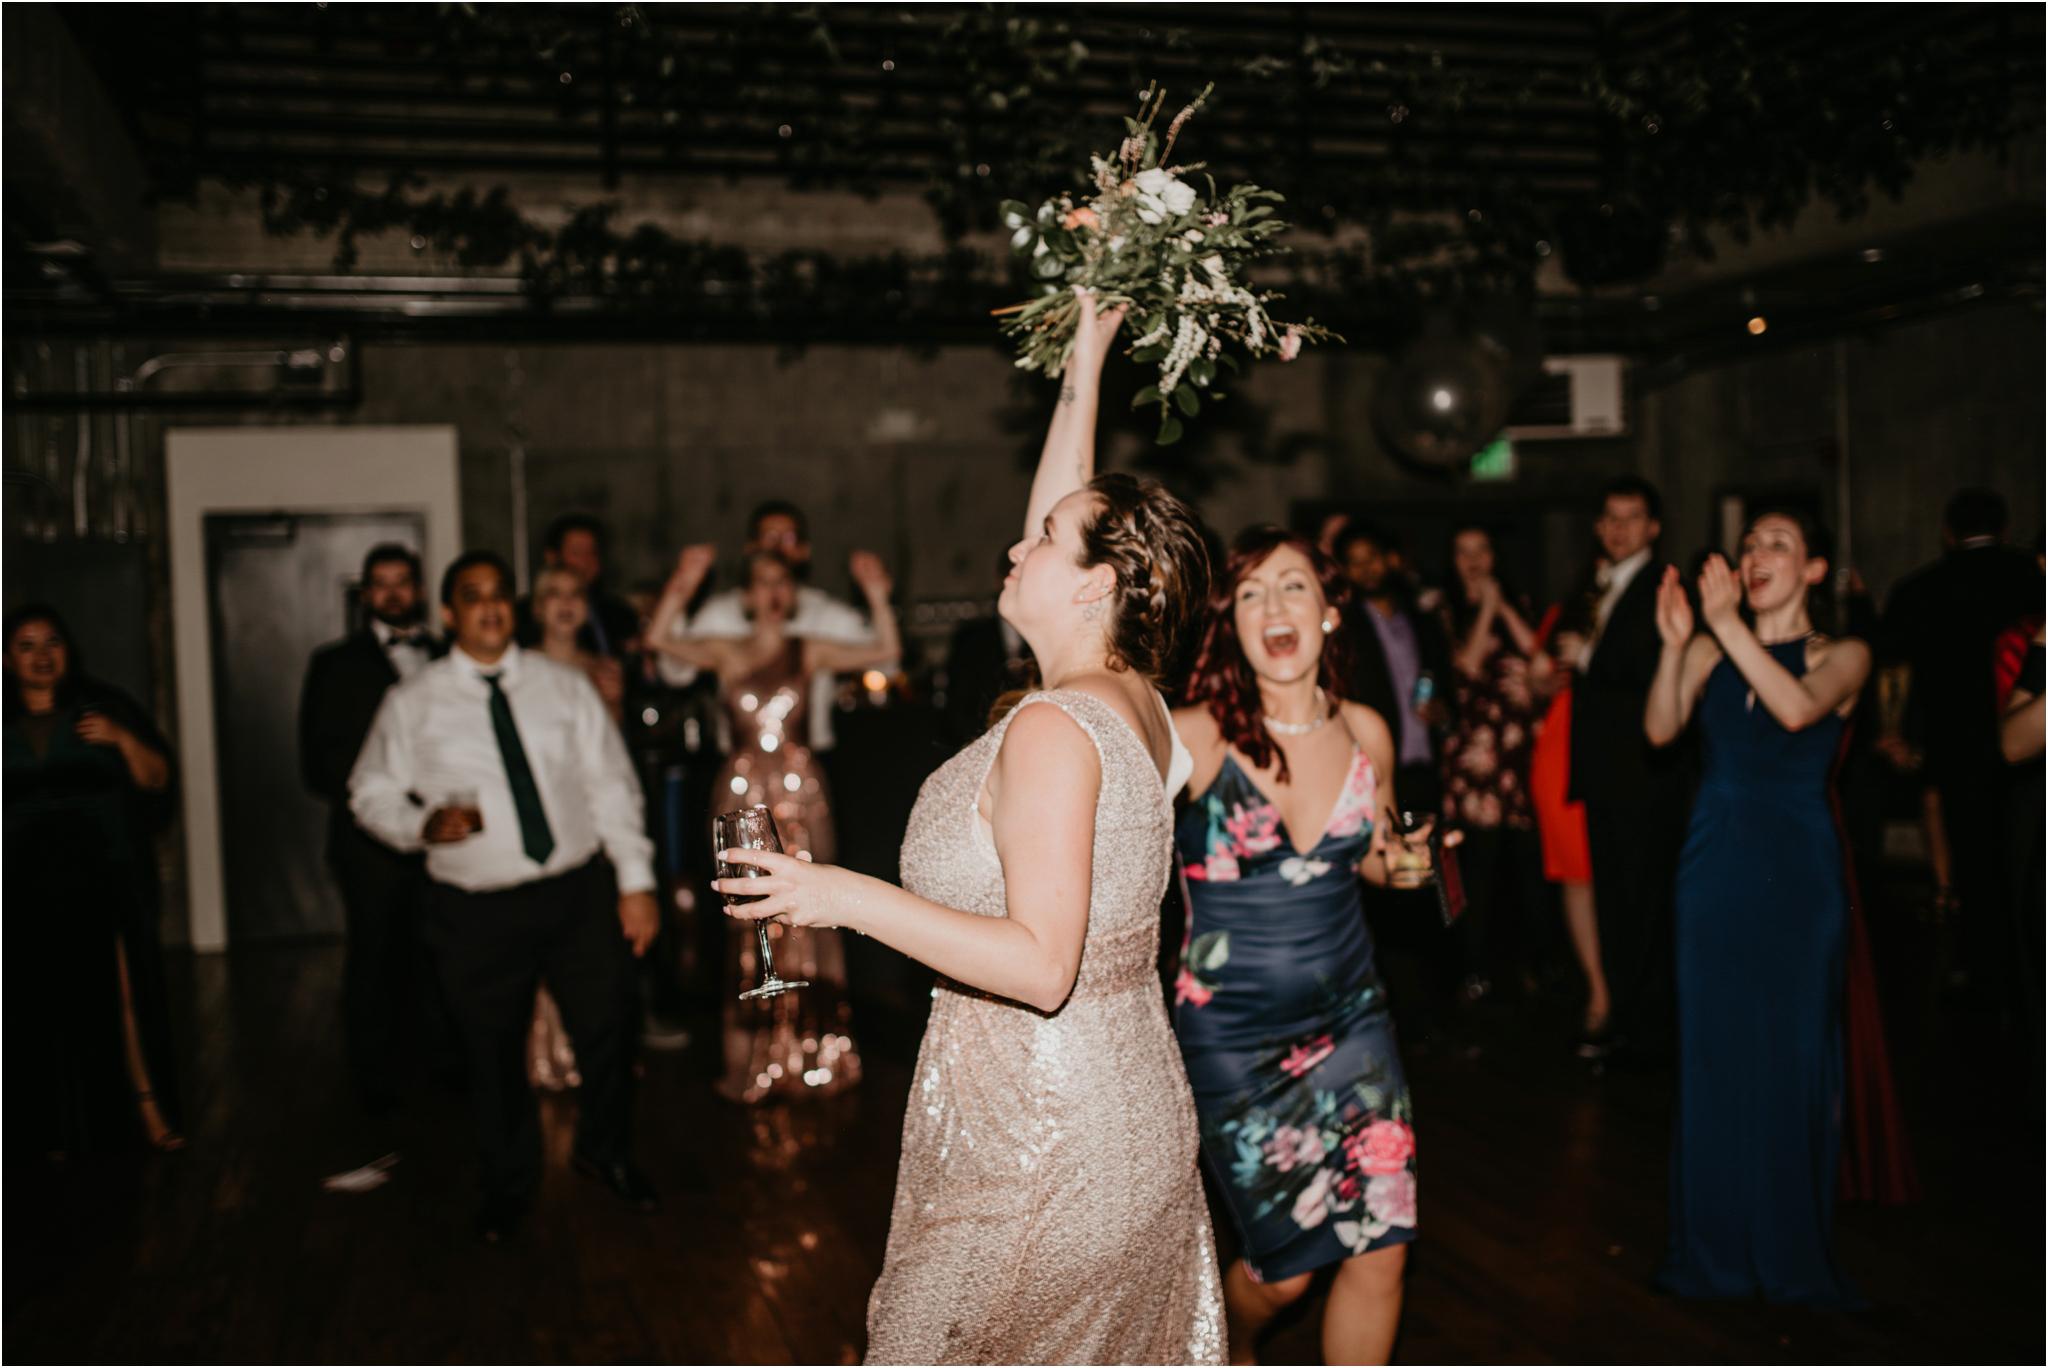 ashley-and-david-fremont-foundry-seattle-washington-wedding-photographer-147.jpg